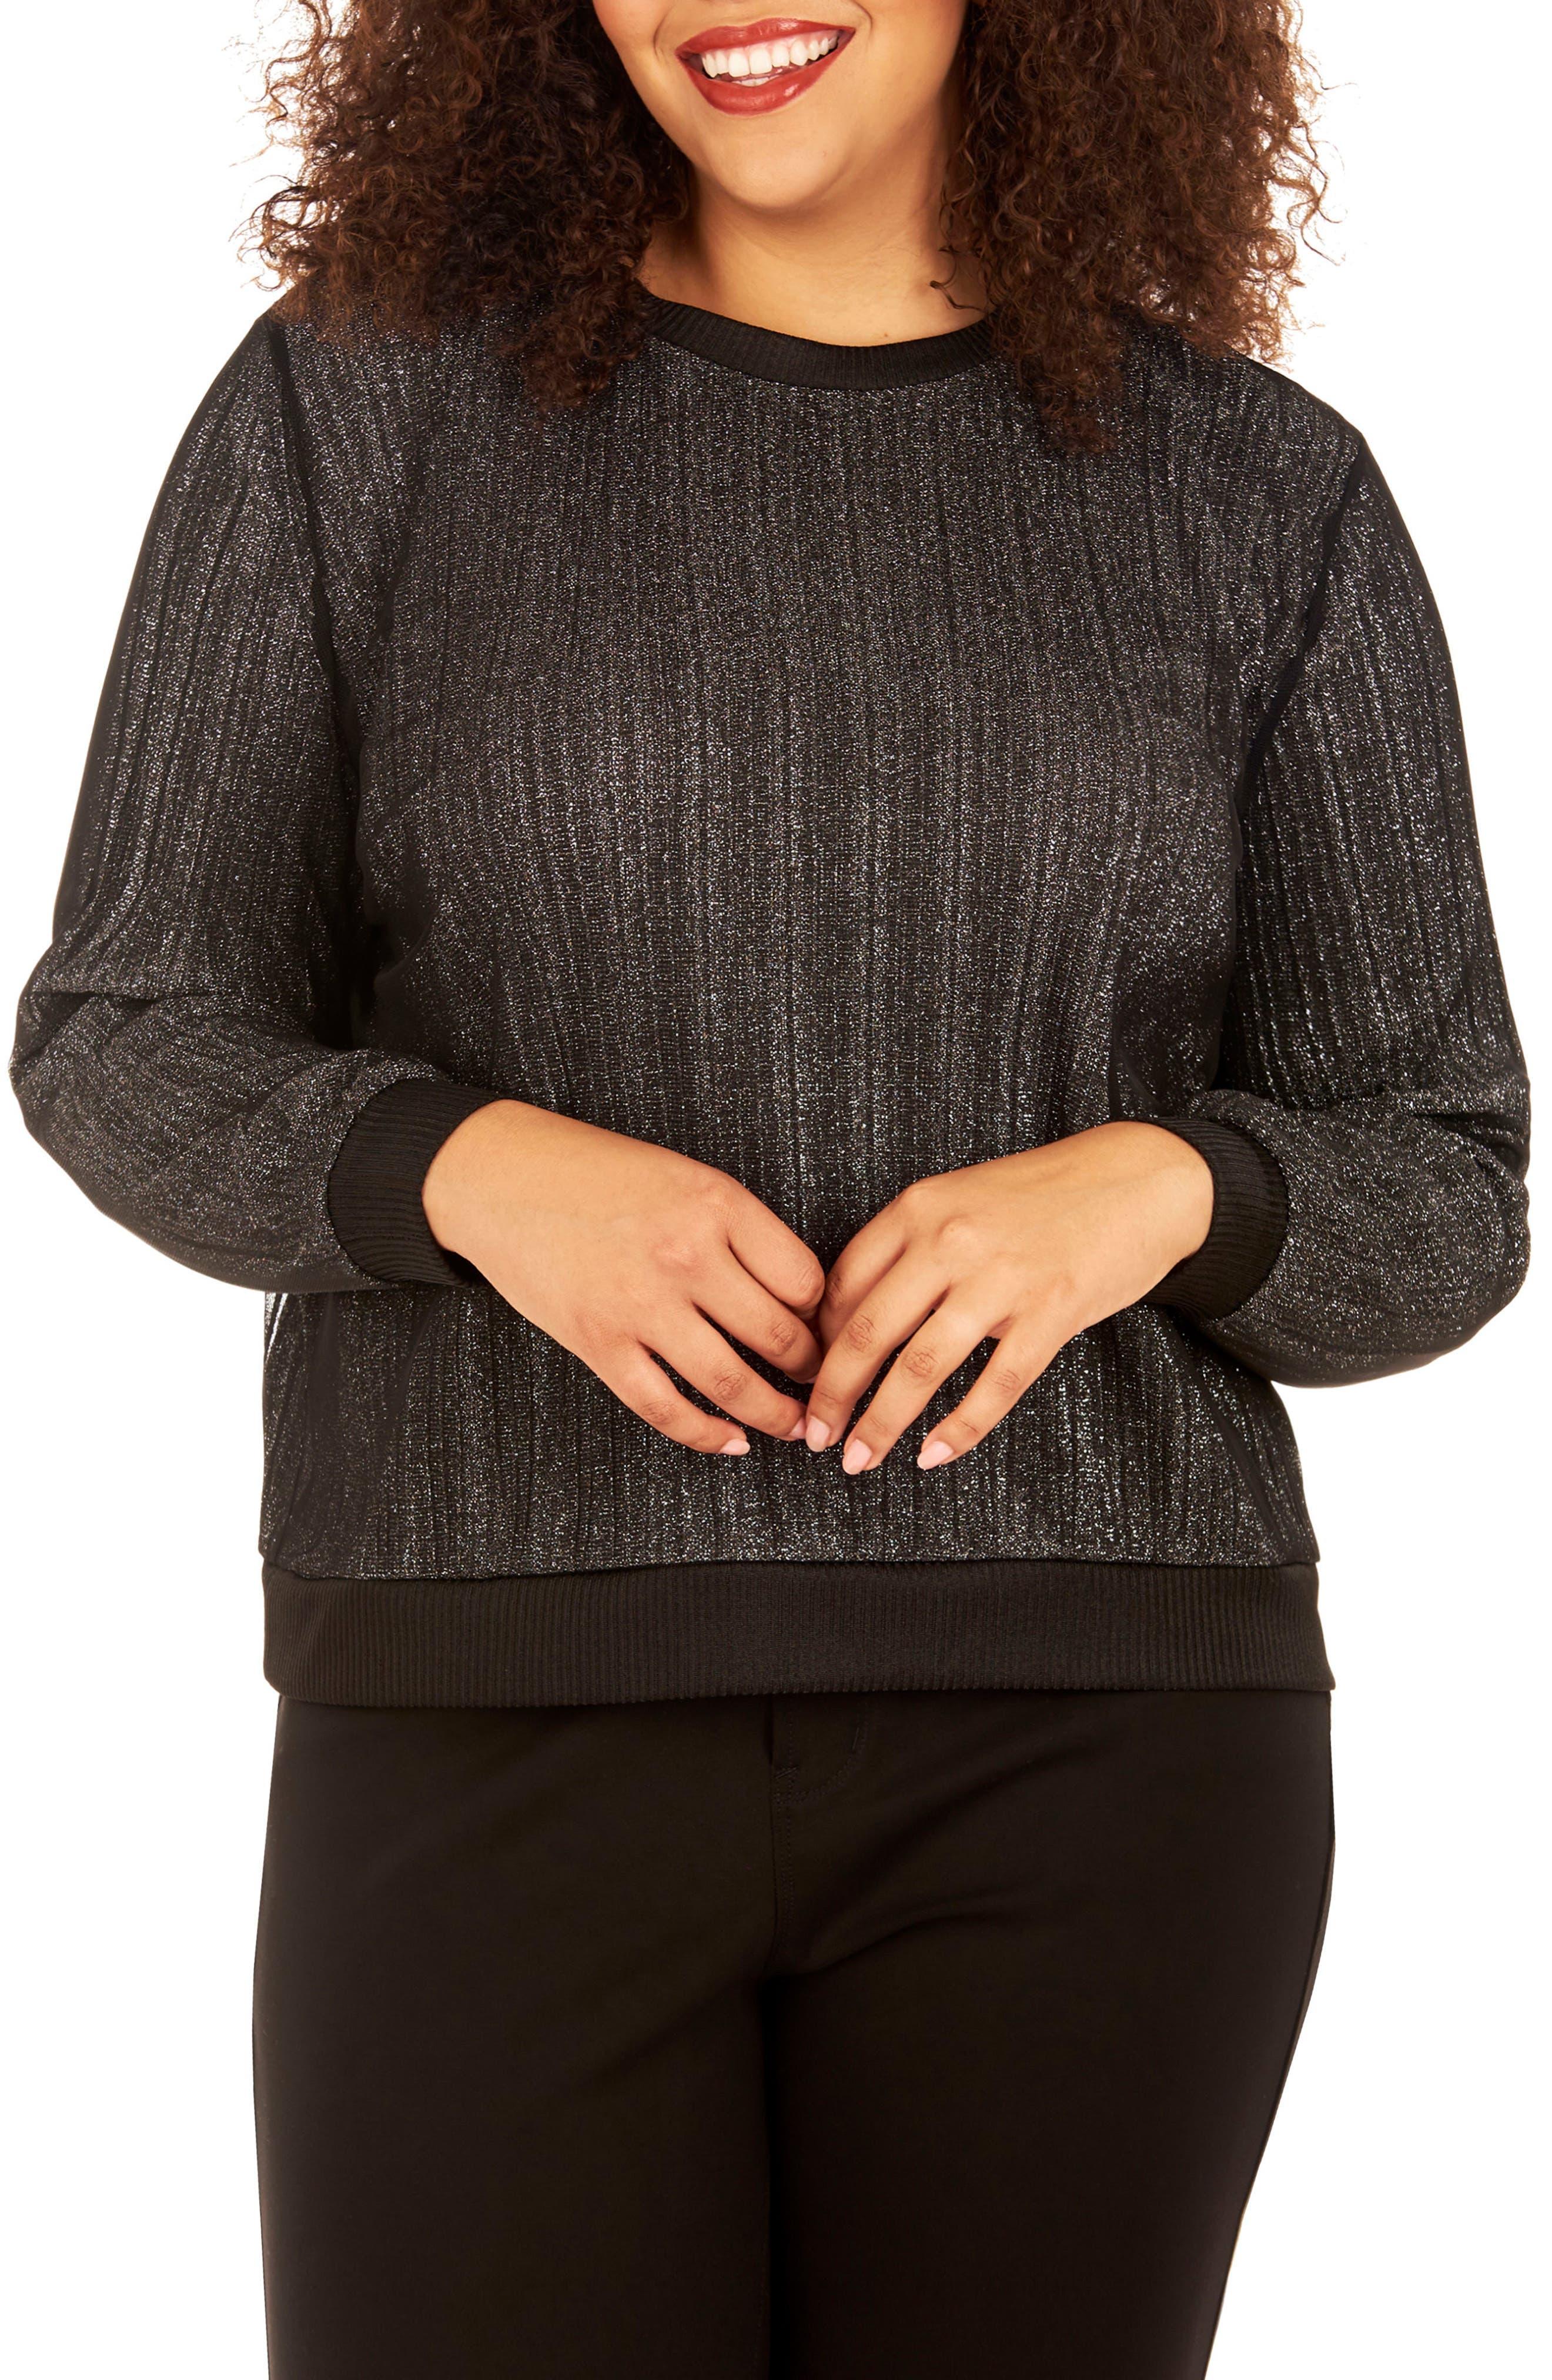 Glitter Knit Top,                         Main,                         color, Silver/ Black